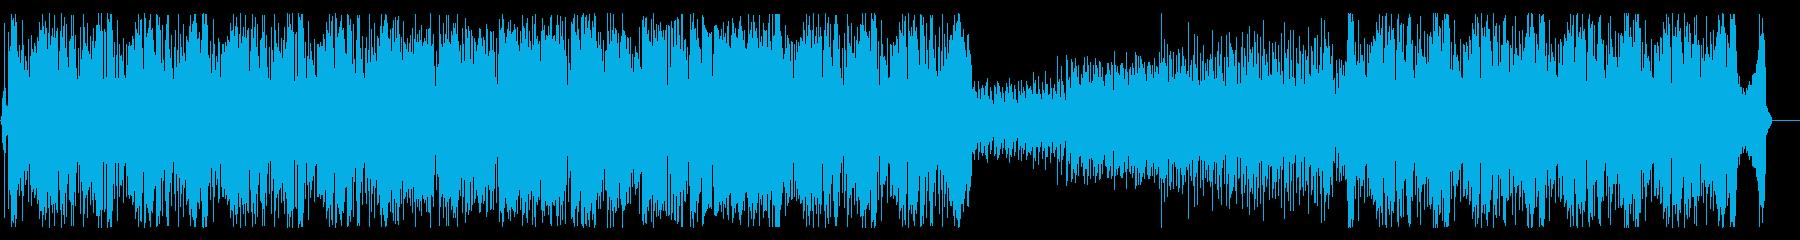 にぎやかで明るいスタンダードなラテンの再生済みの波形